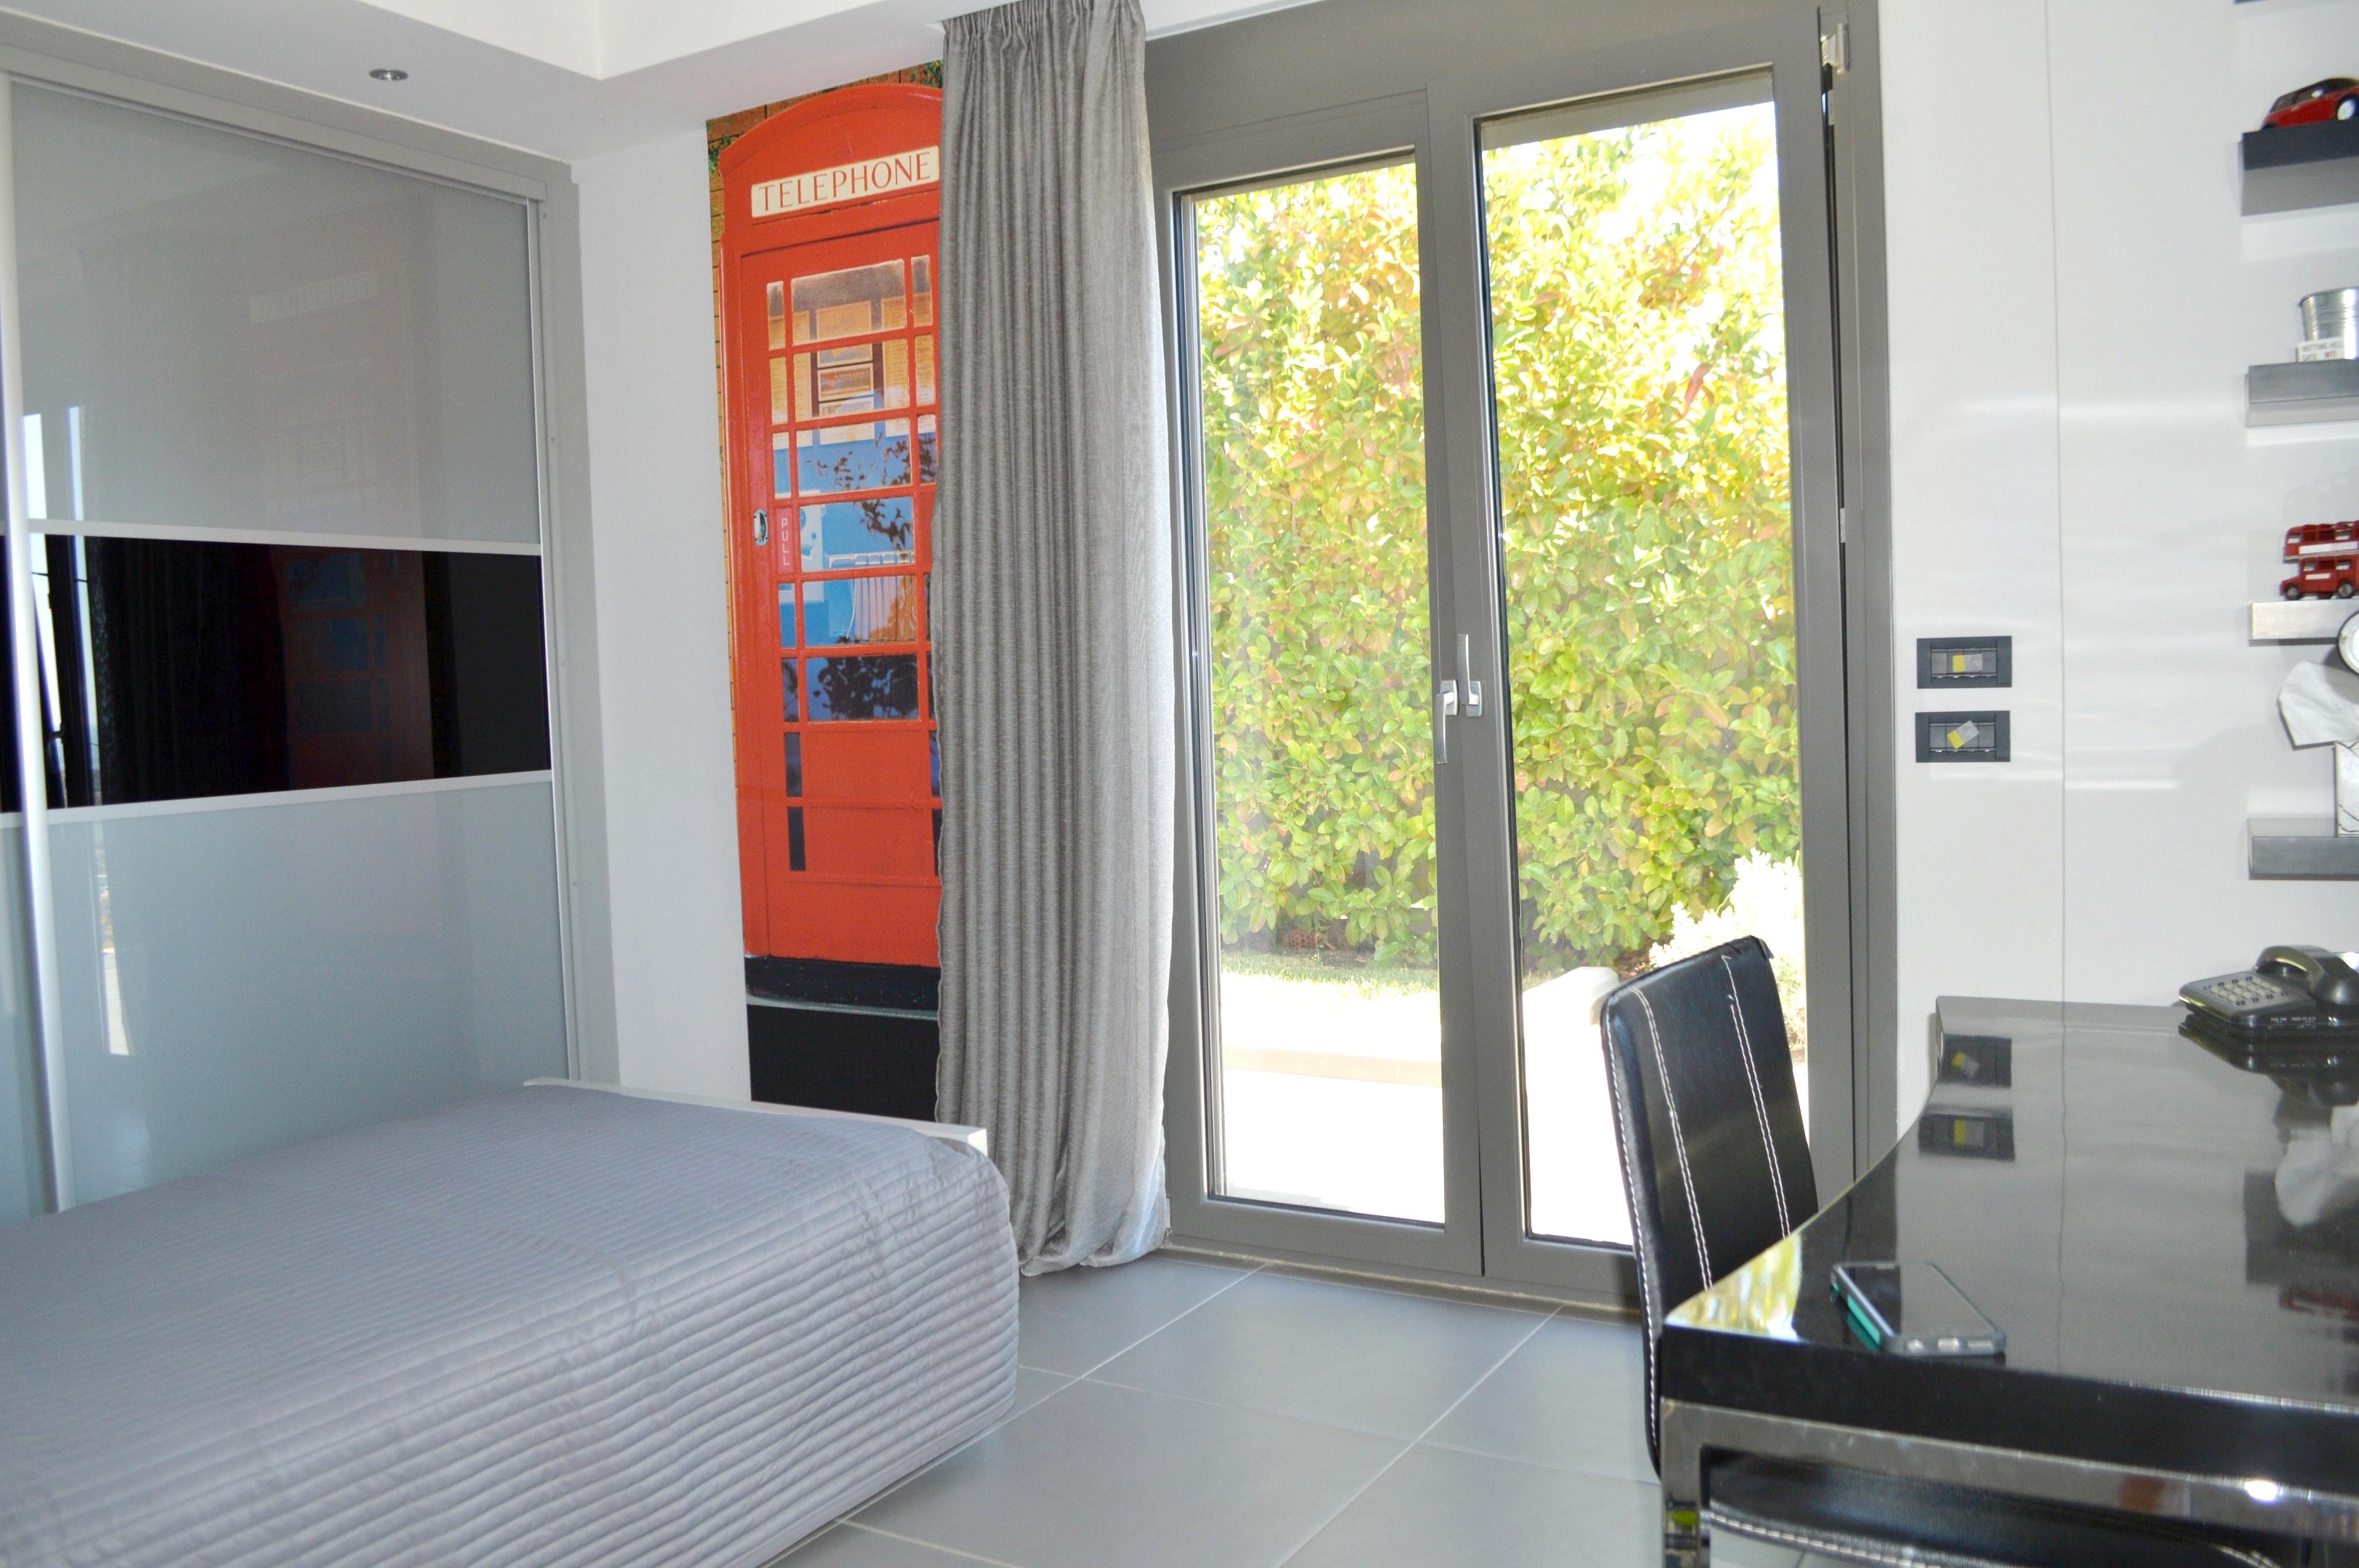 Maison de vacances Villa mit 4 Schlafzimmern in Anavissos mit herrlichem Meerblick, privatem Pool, eingezäunt (2339408), Thimari, , Attique, Grèce, image 8